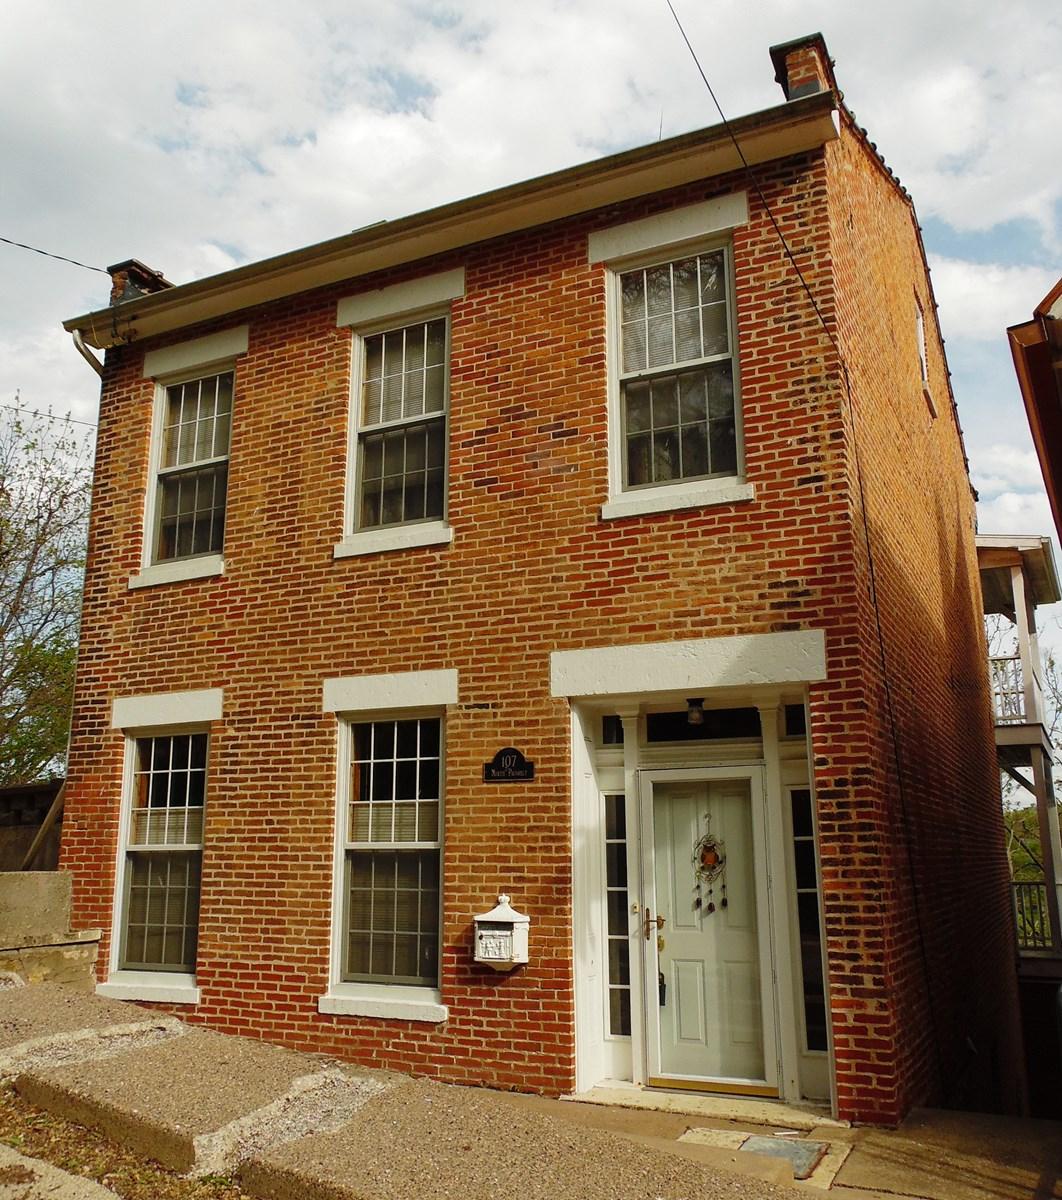 Historic Brick Home in Galena, IL for sale